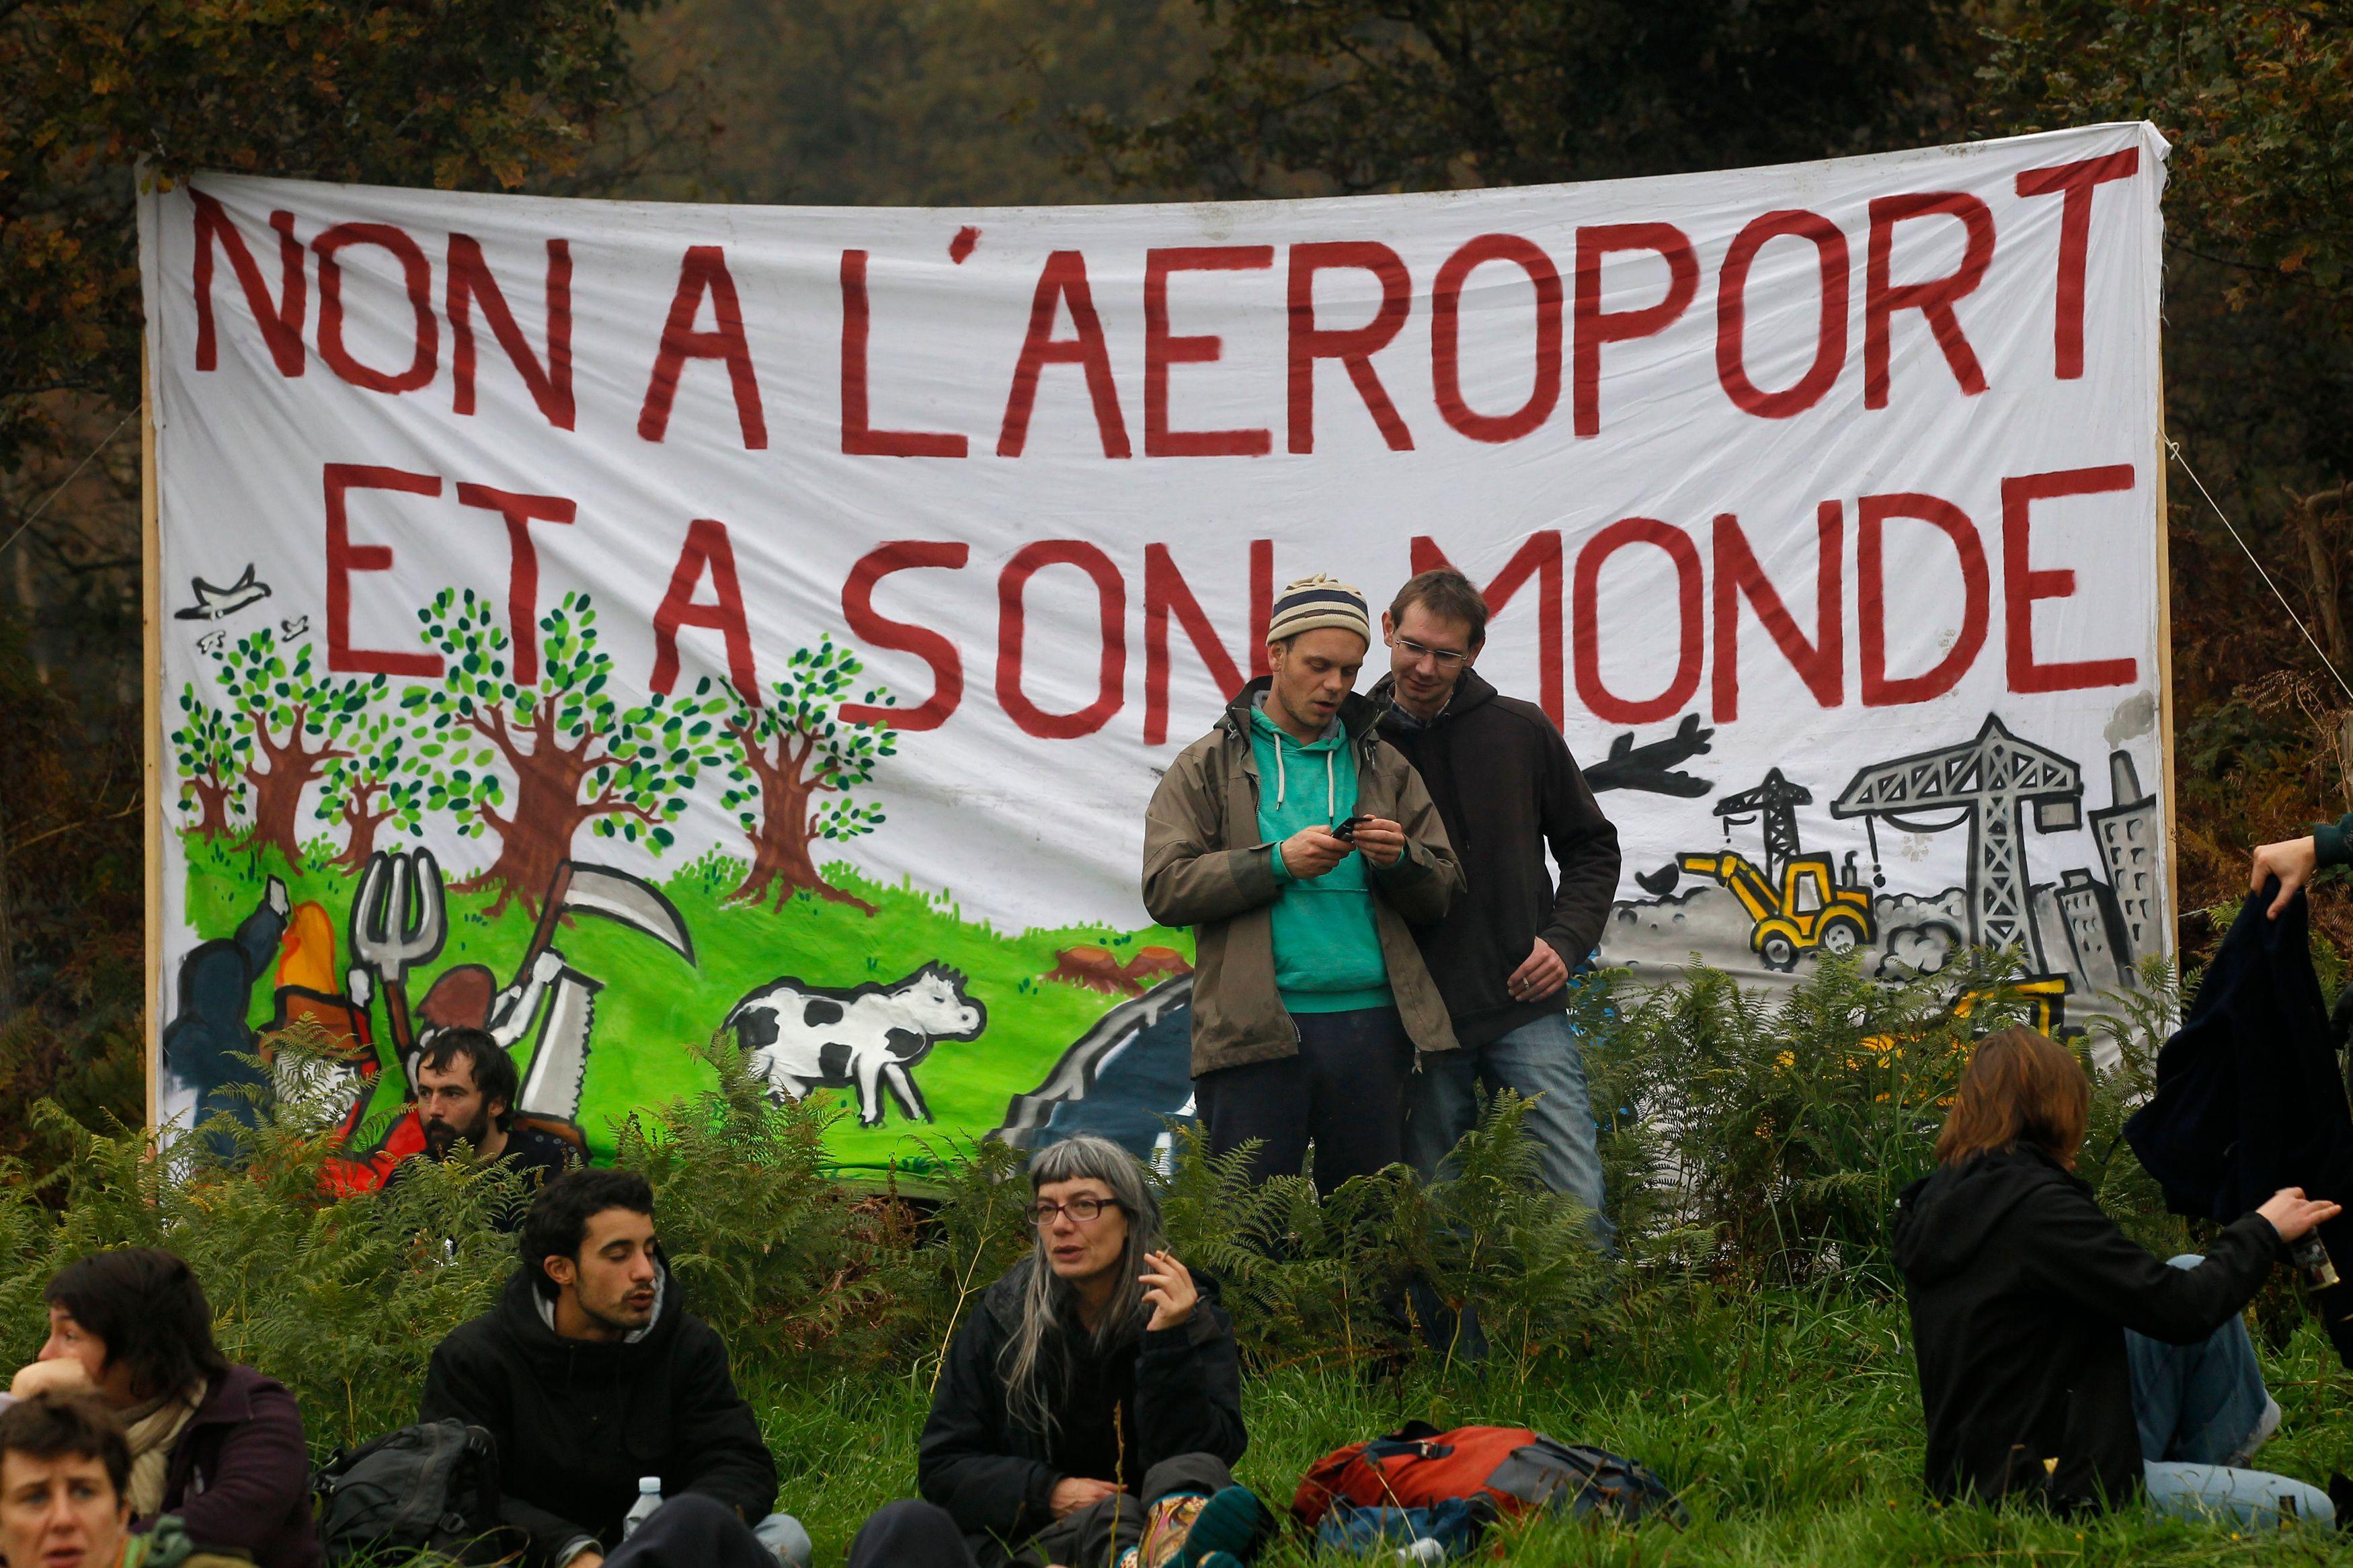 Notre-Dame-des-Landes : entre 10.000 (préfecture) et 60.000 (organisateurs) manifestants contre le projet d'aéroport